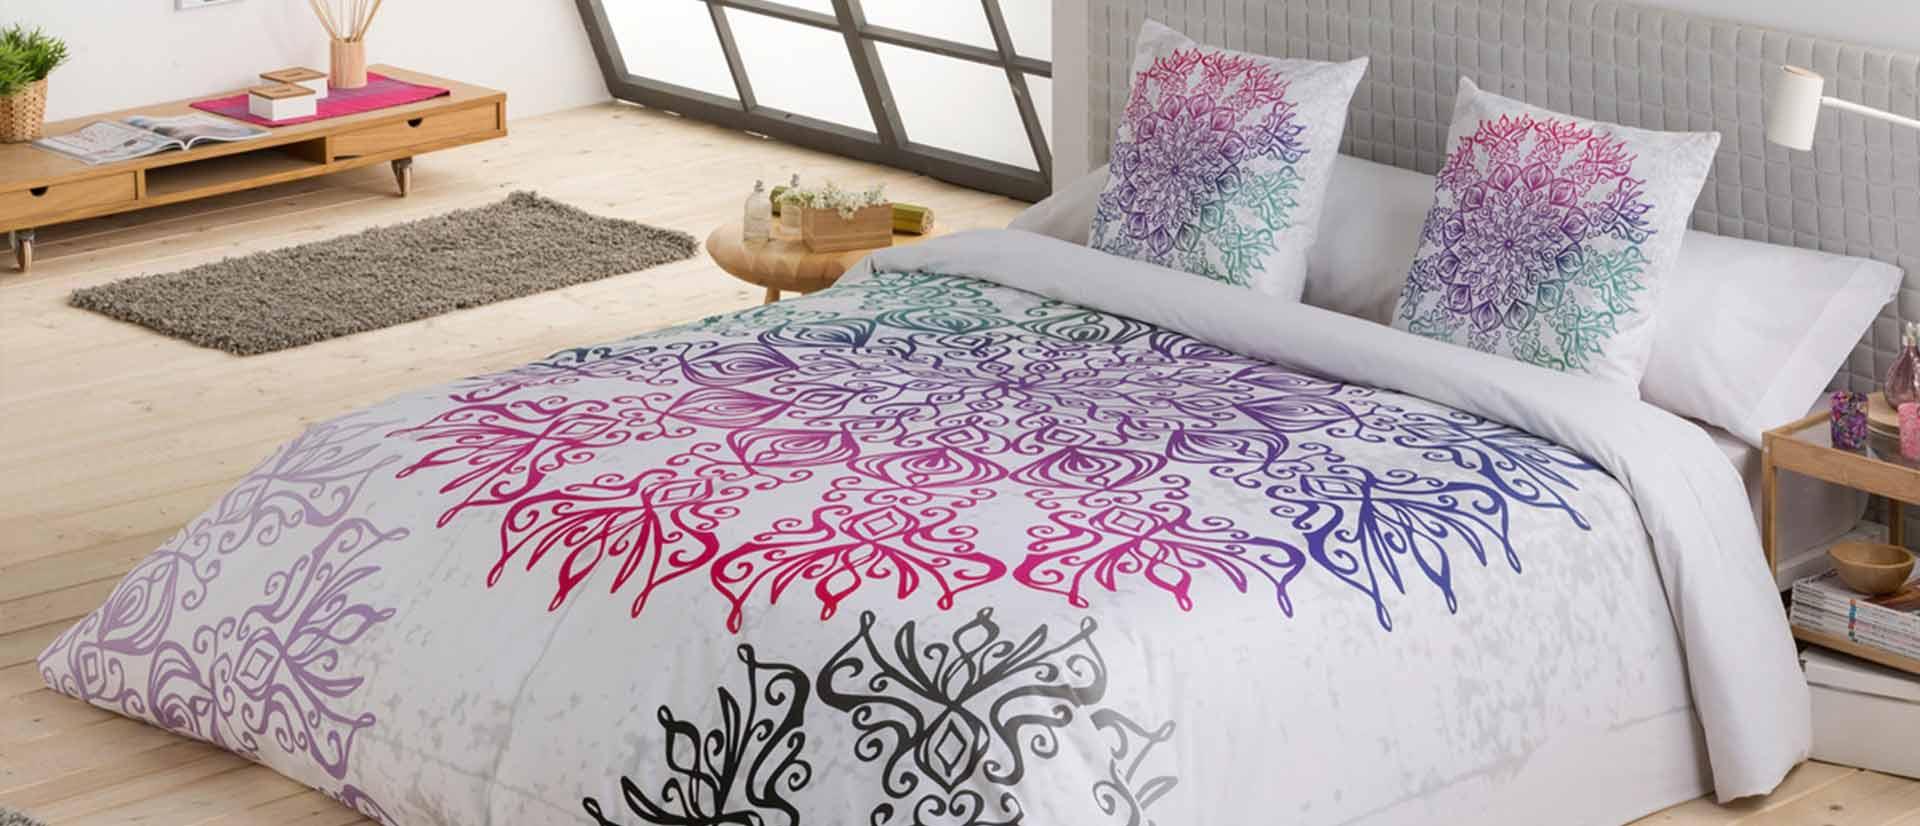 ropa de cama bonita en galicia